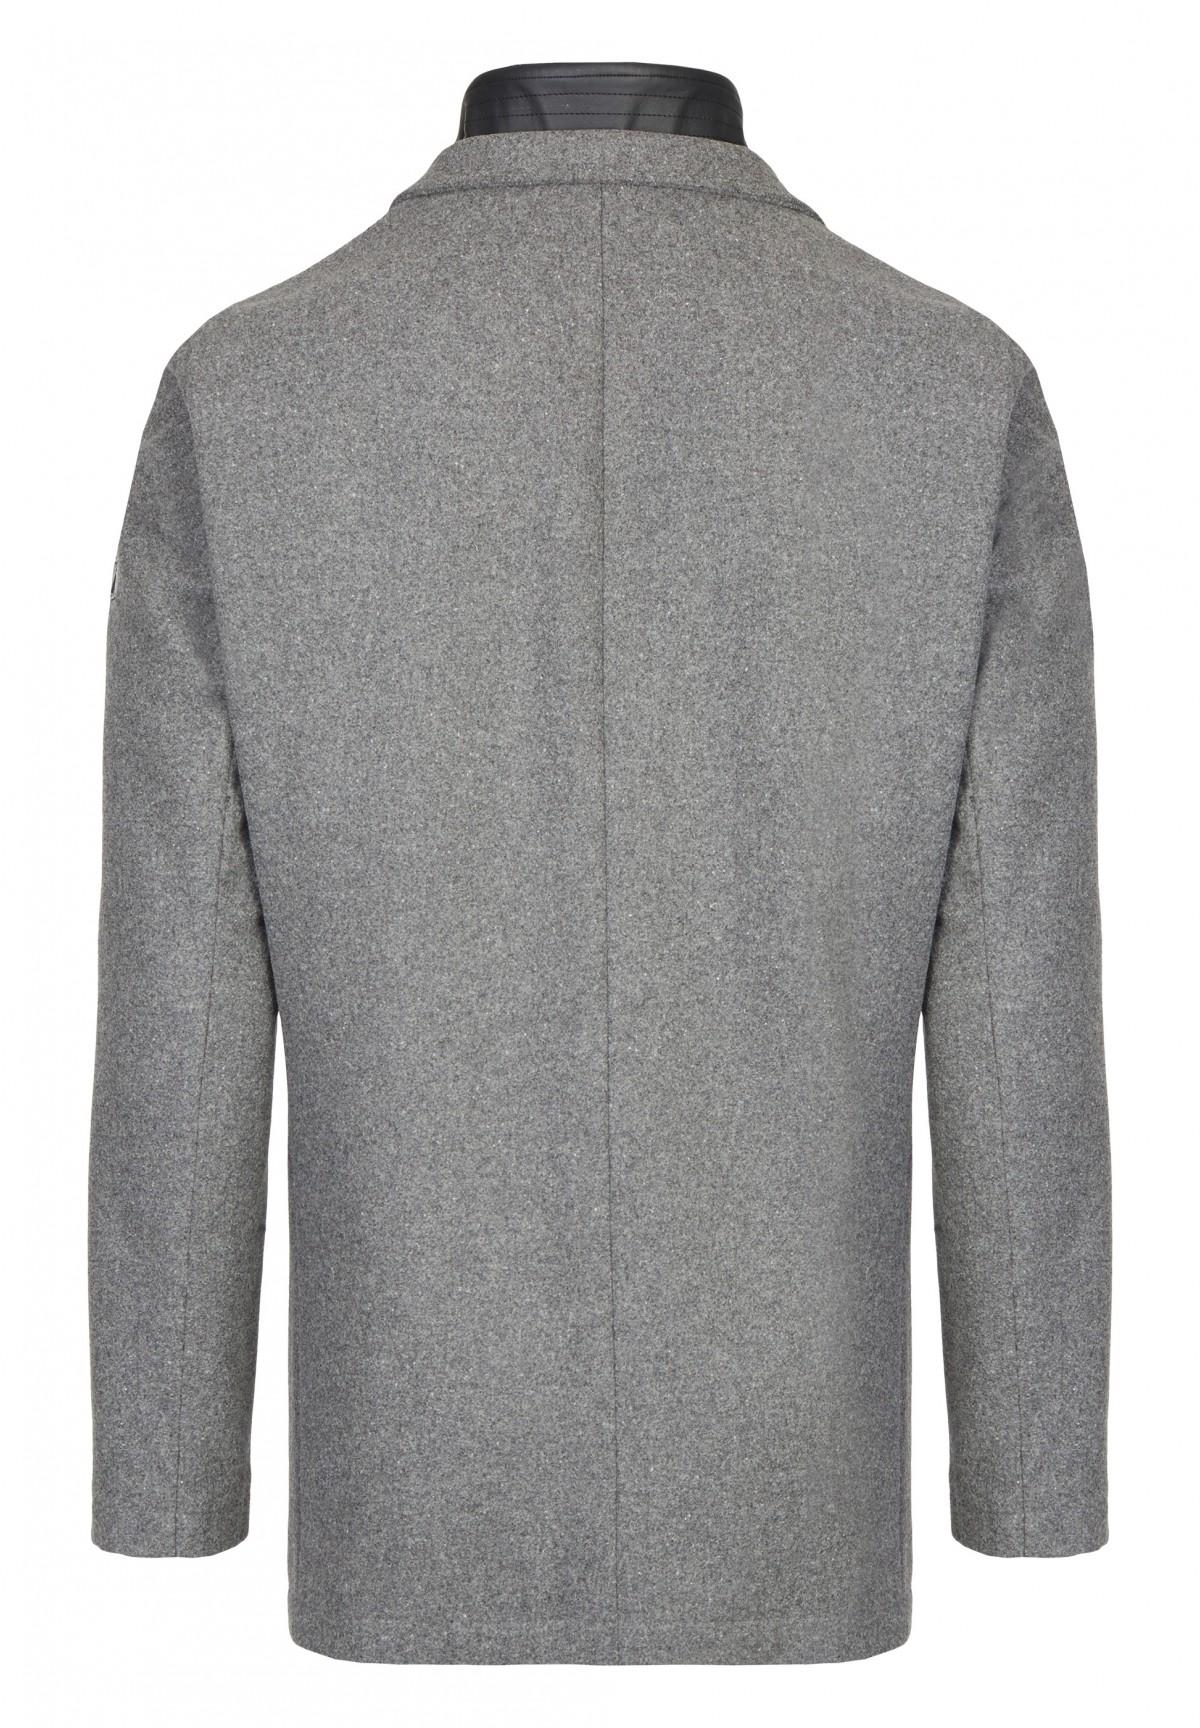 Parka 100% laine avec veste intégrée zippée /